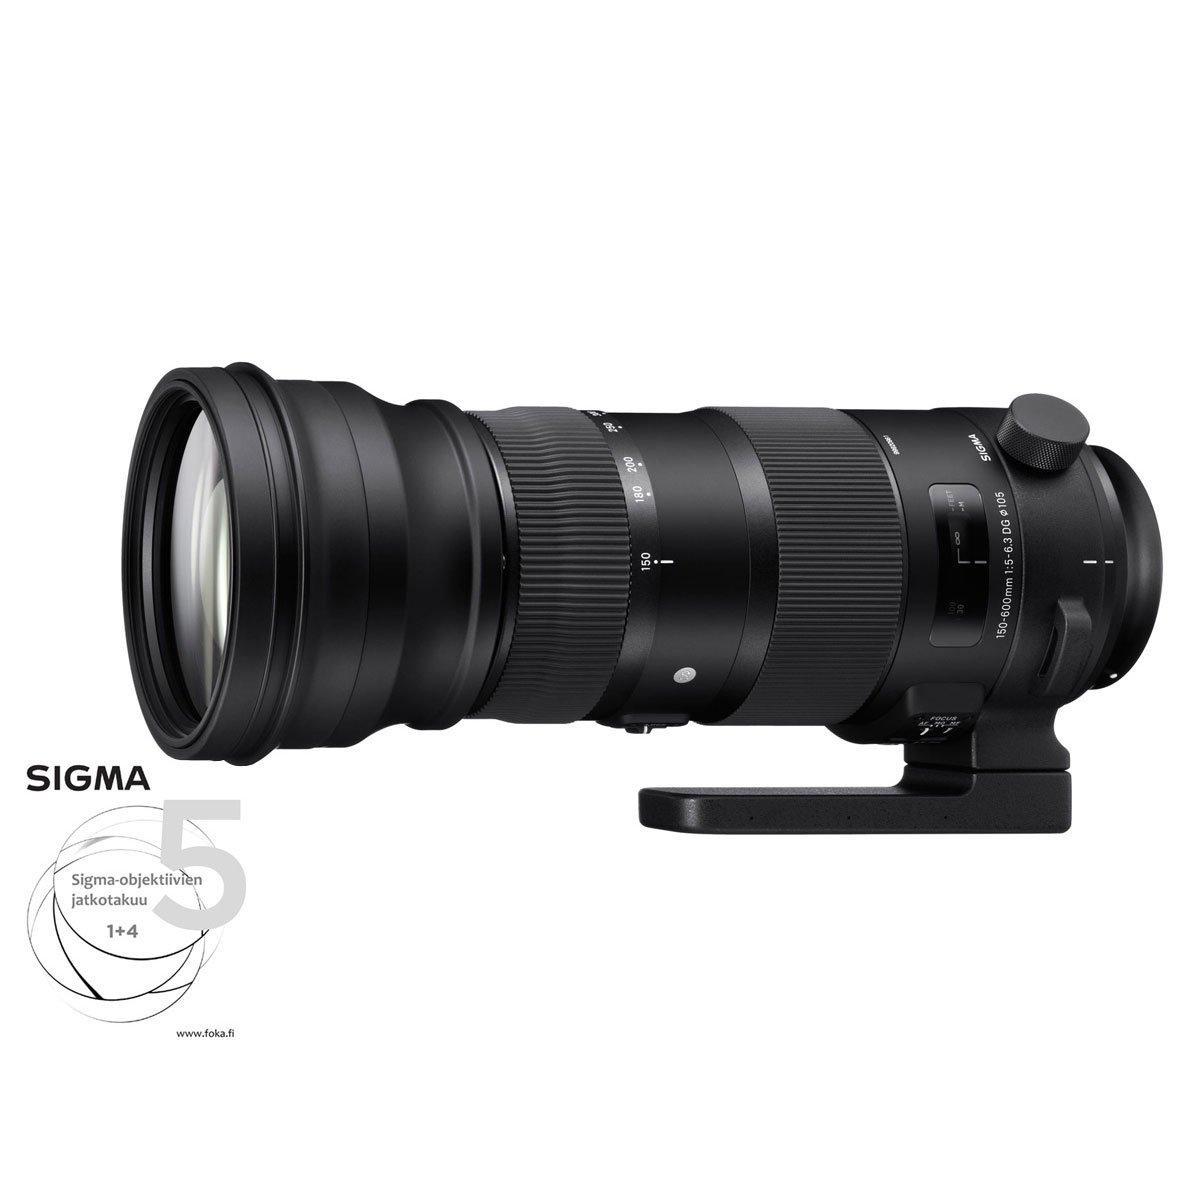 Sigma 150-600mm f/5-6.3 DG OS HSM S – Sony A